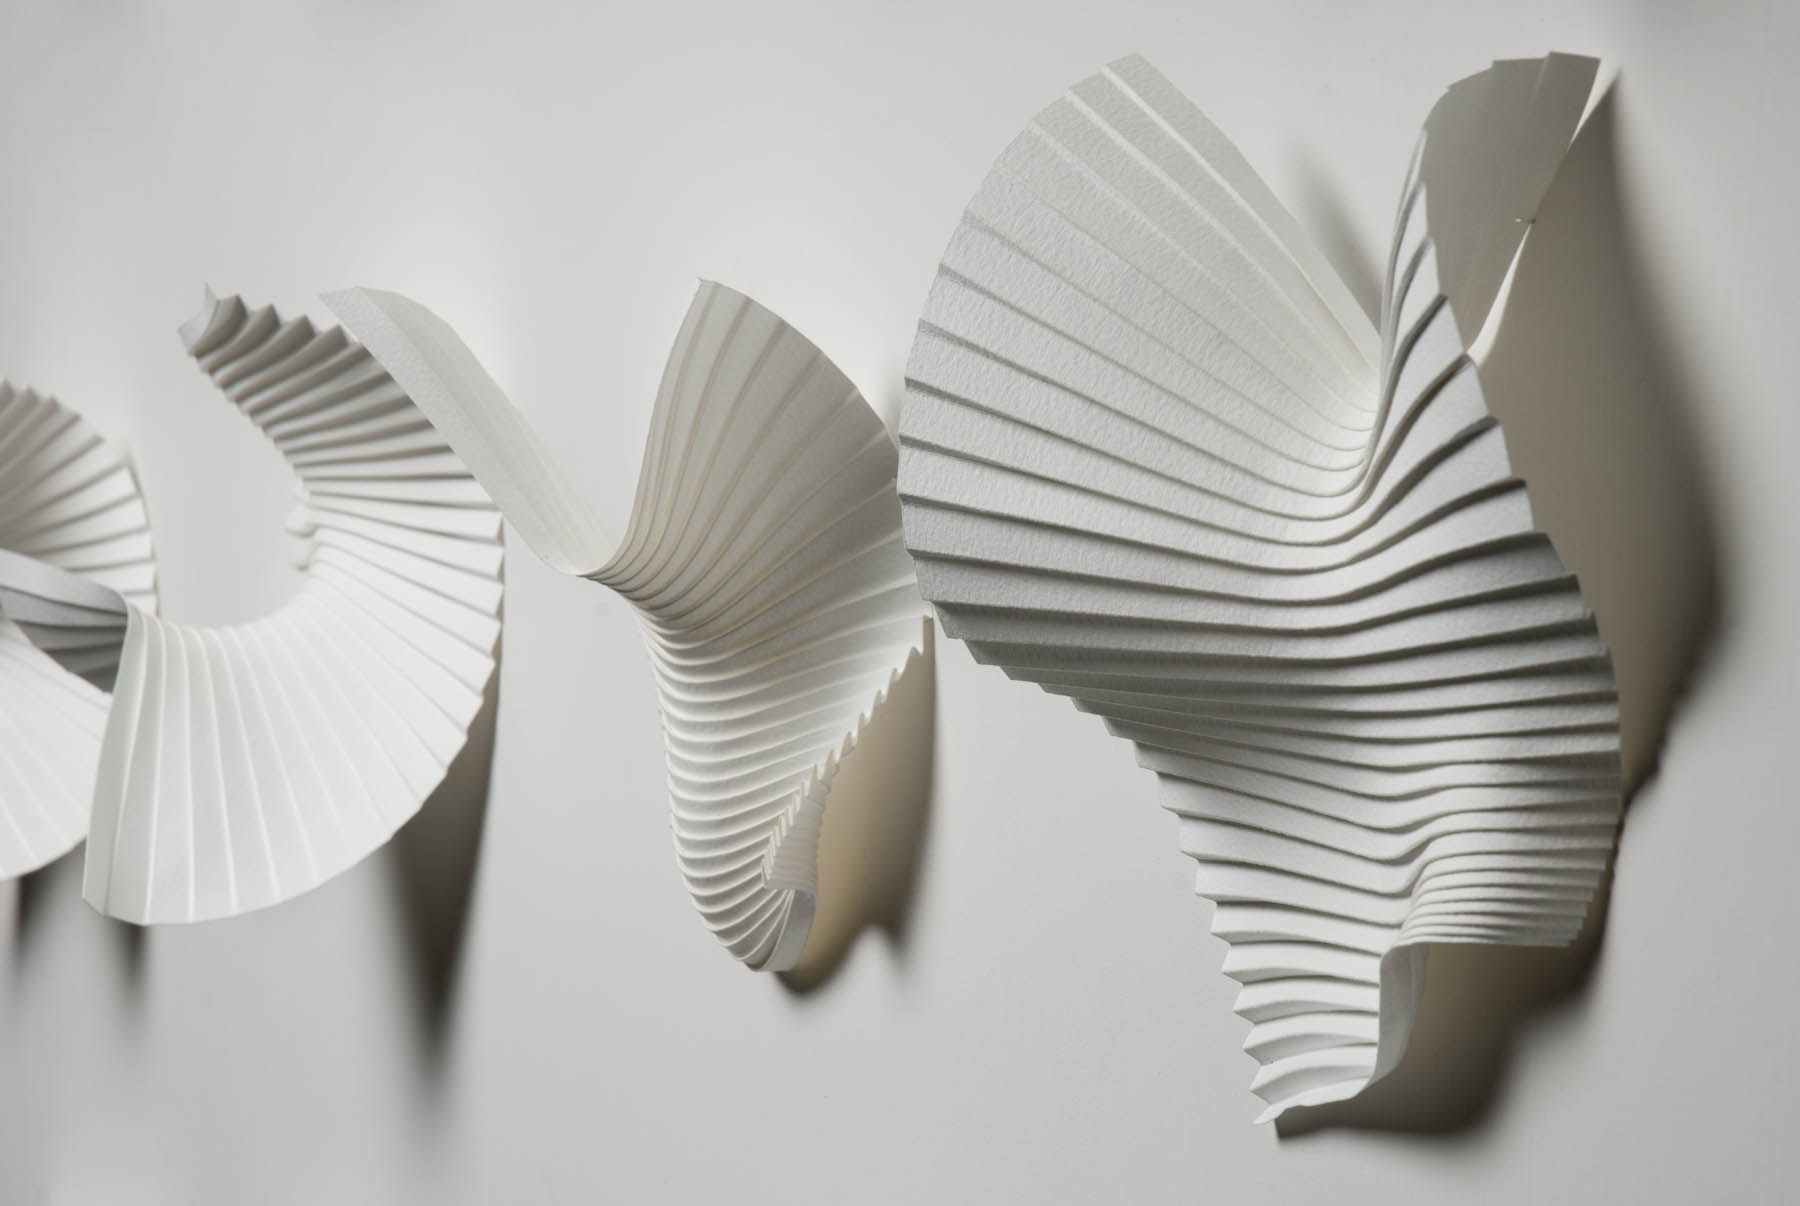 Объёмные бумажные скульптуры Ричарда Суини